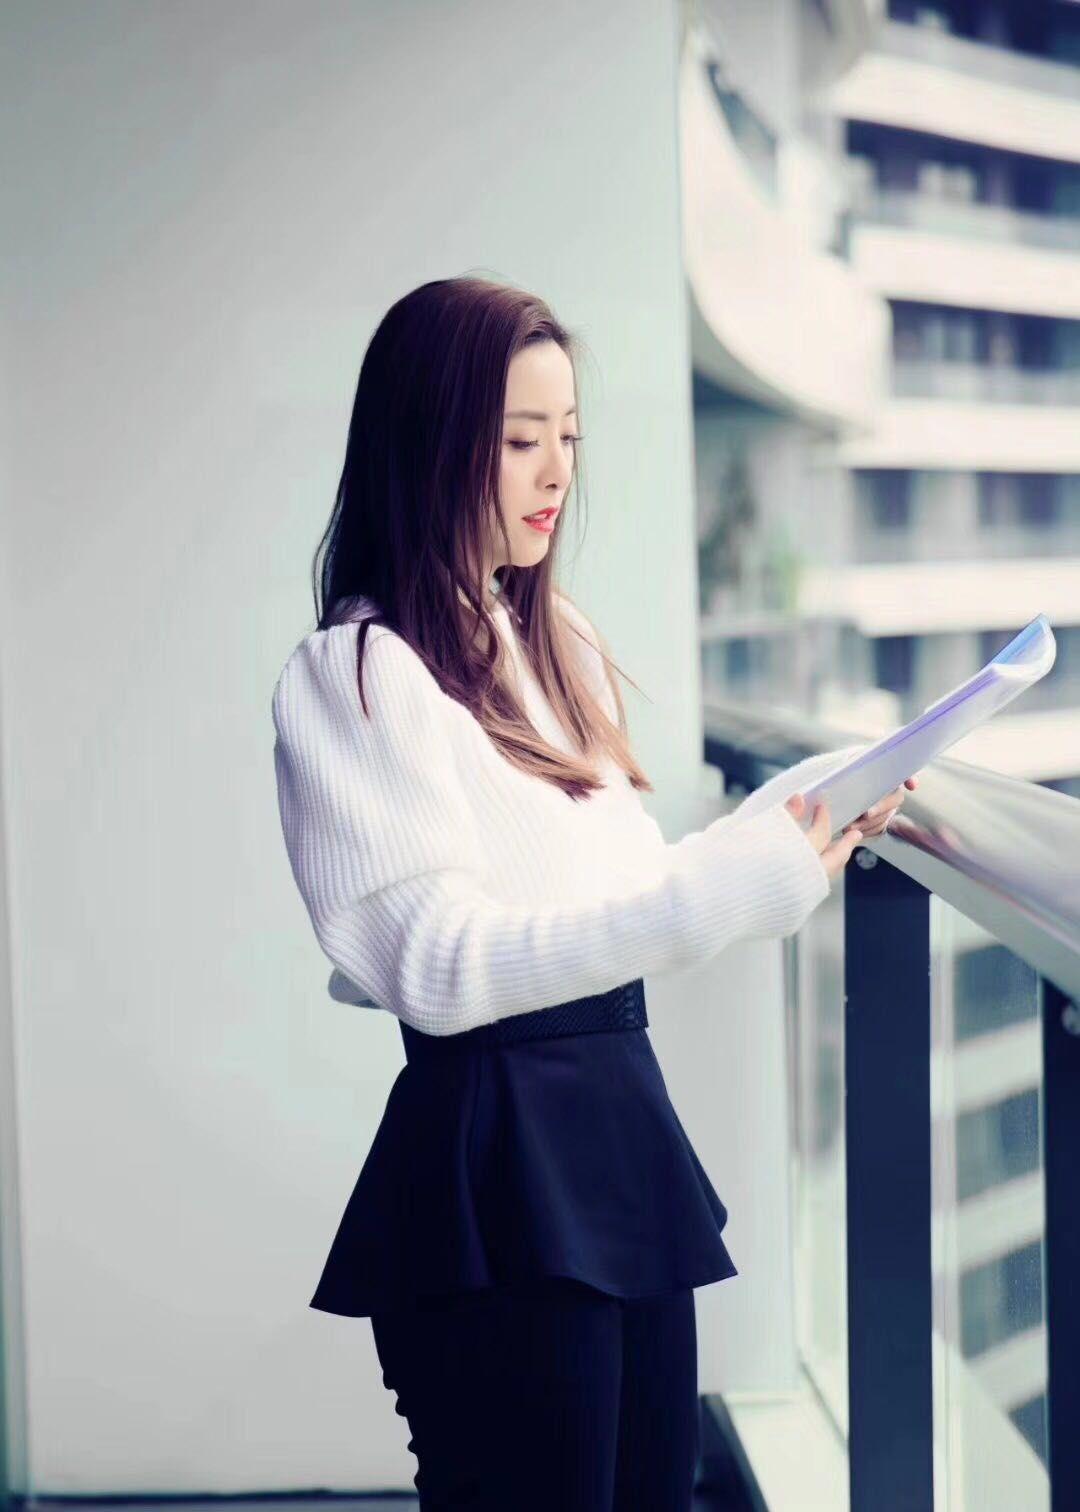 女演员黄小蕾,气质优雅,时尚靓丽写真图集